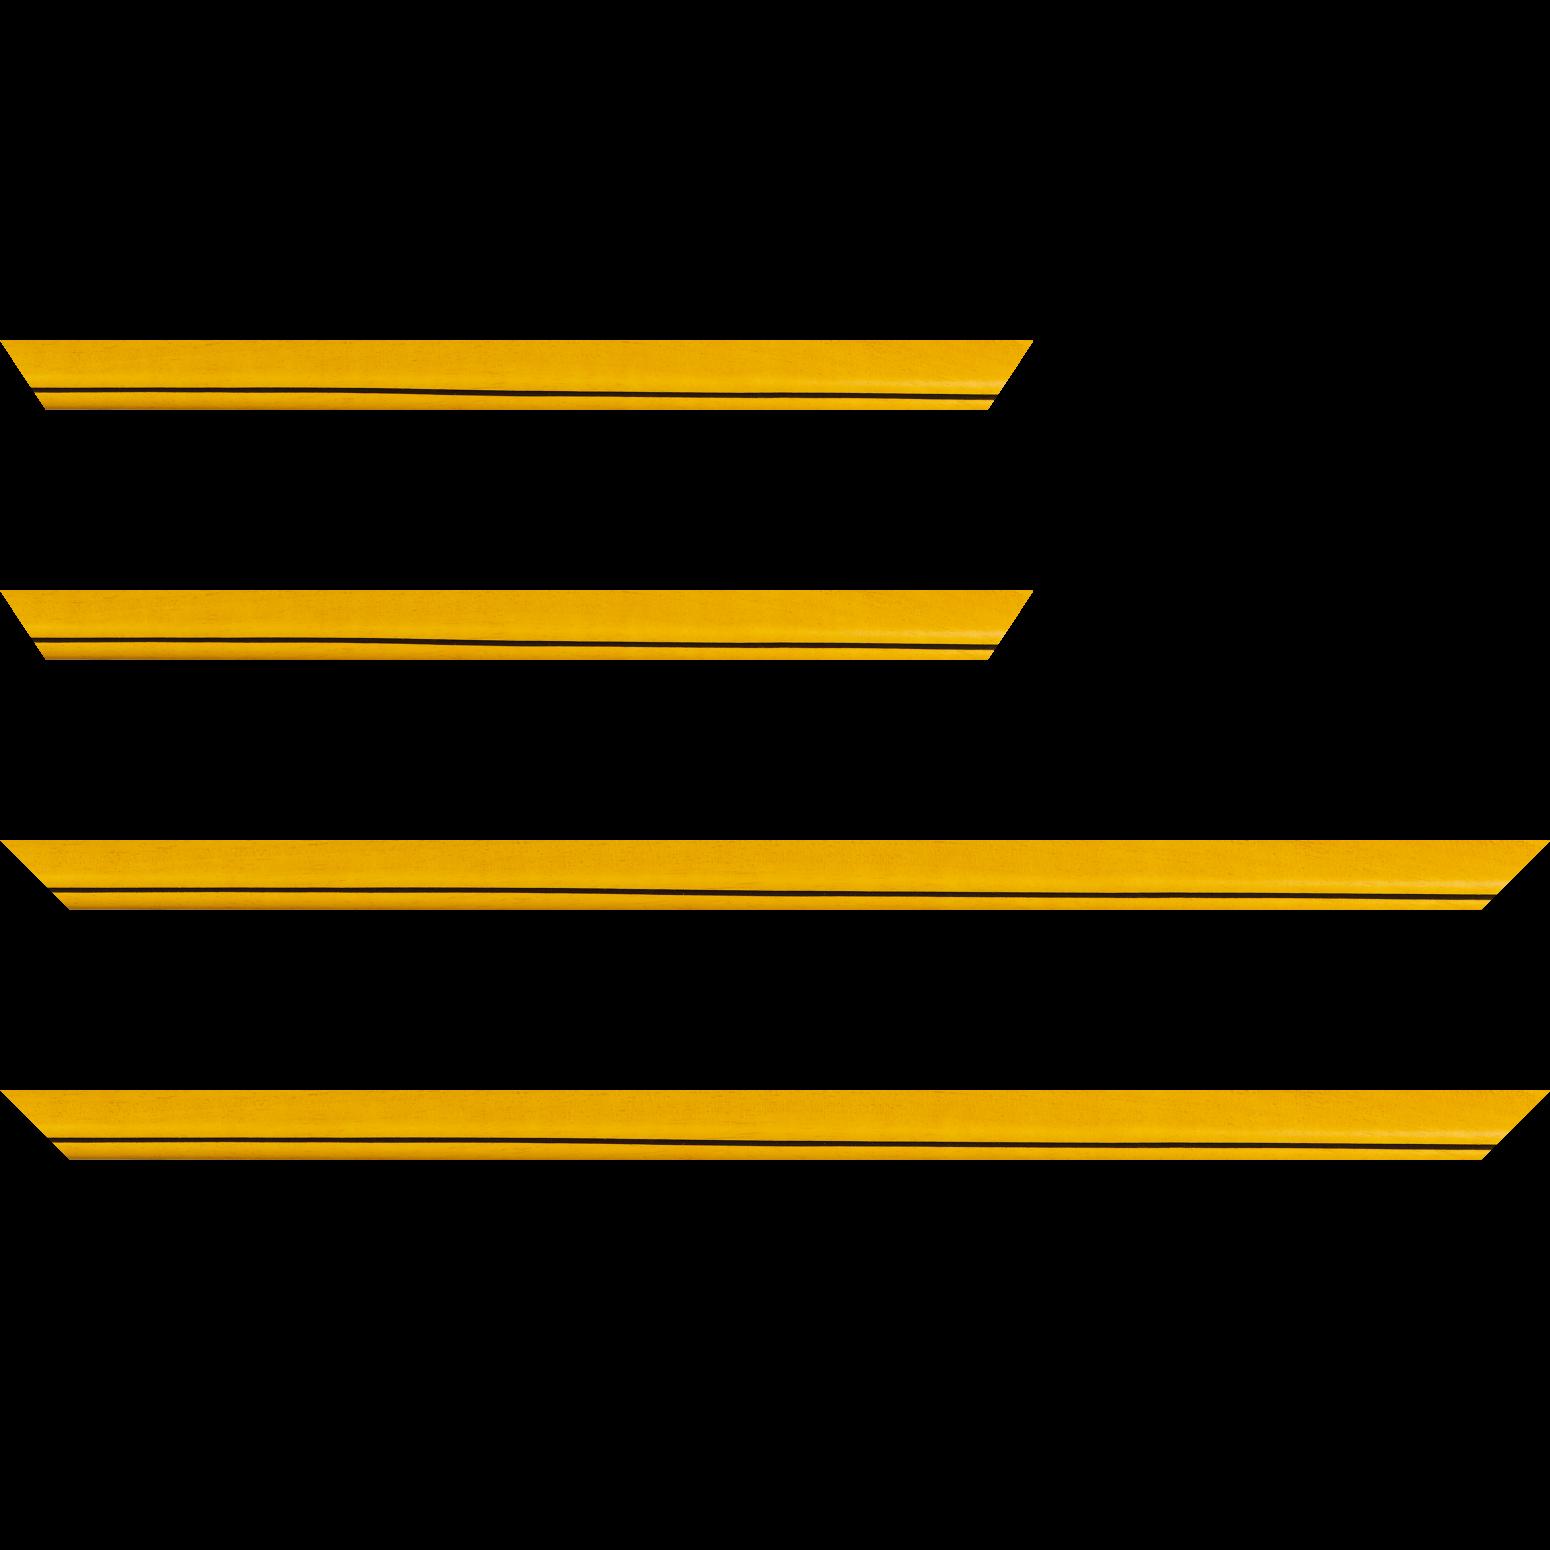 Baguette service précoupé bois profil bombé largeur 2.4cm couleur jaune tournesol satiné filet noir